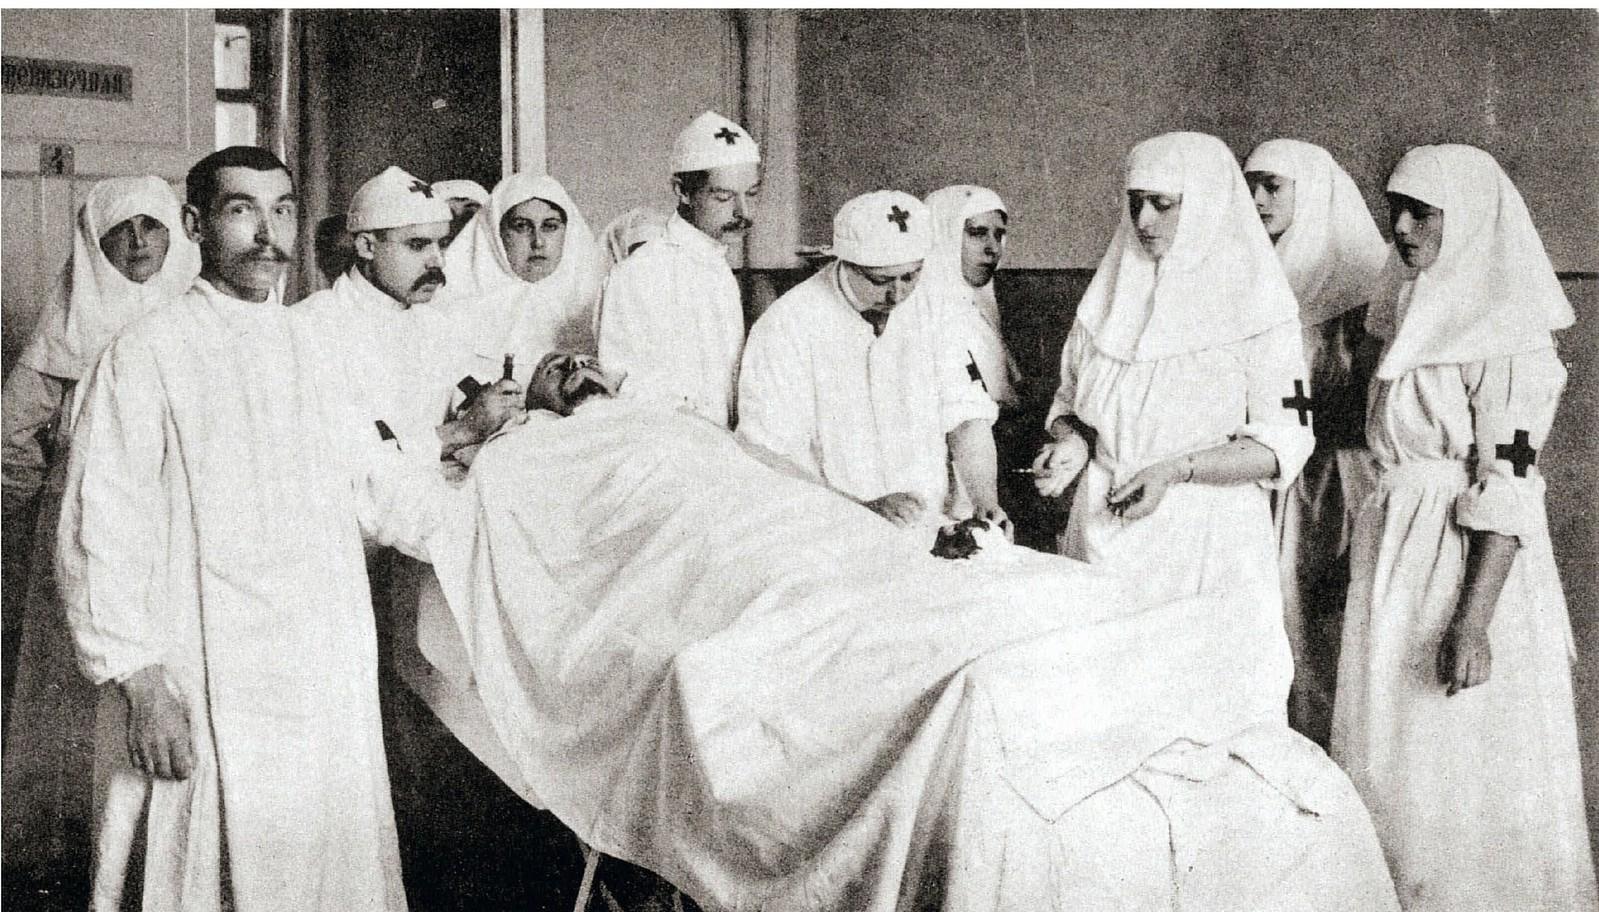 Императрица Александра Фёдоровна с дочерьми ассистирует княгине Вере Гедройц в операционной